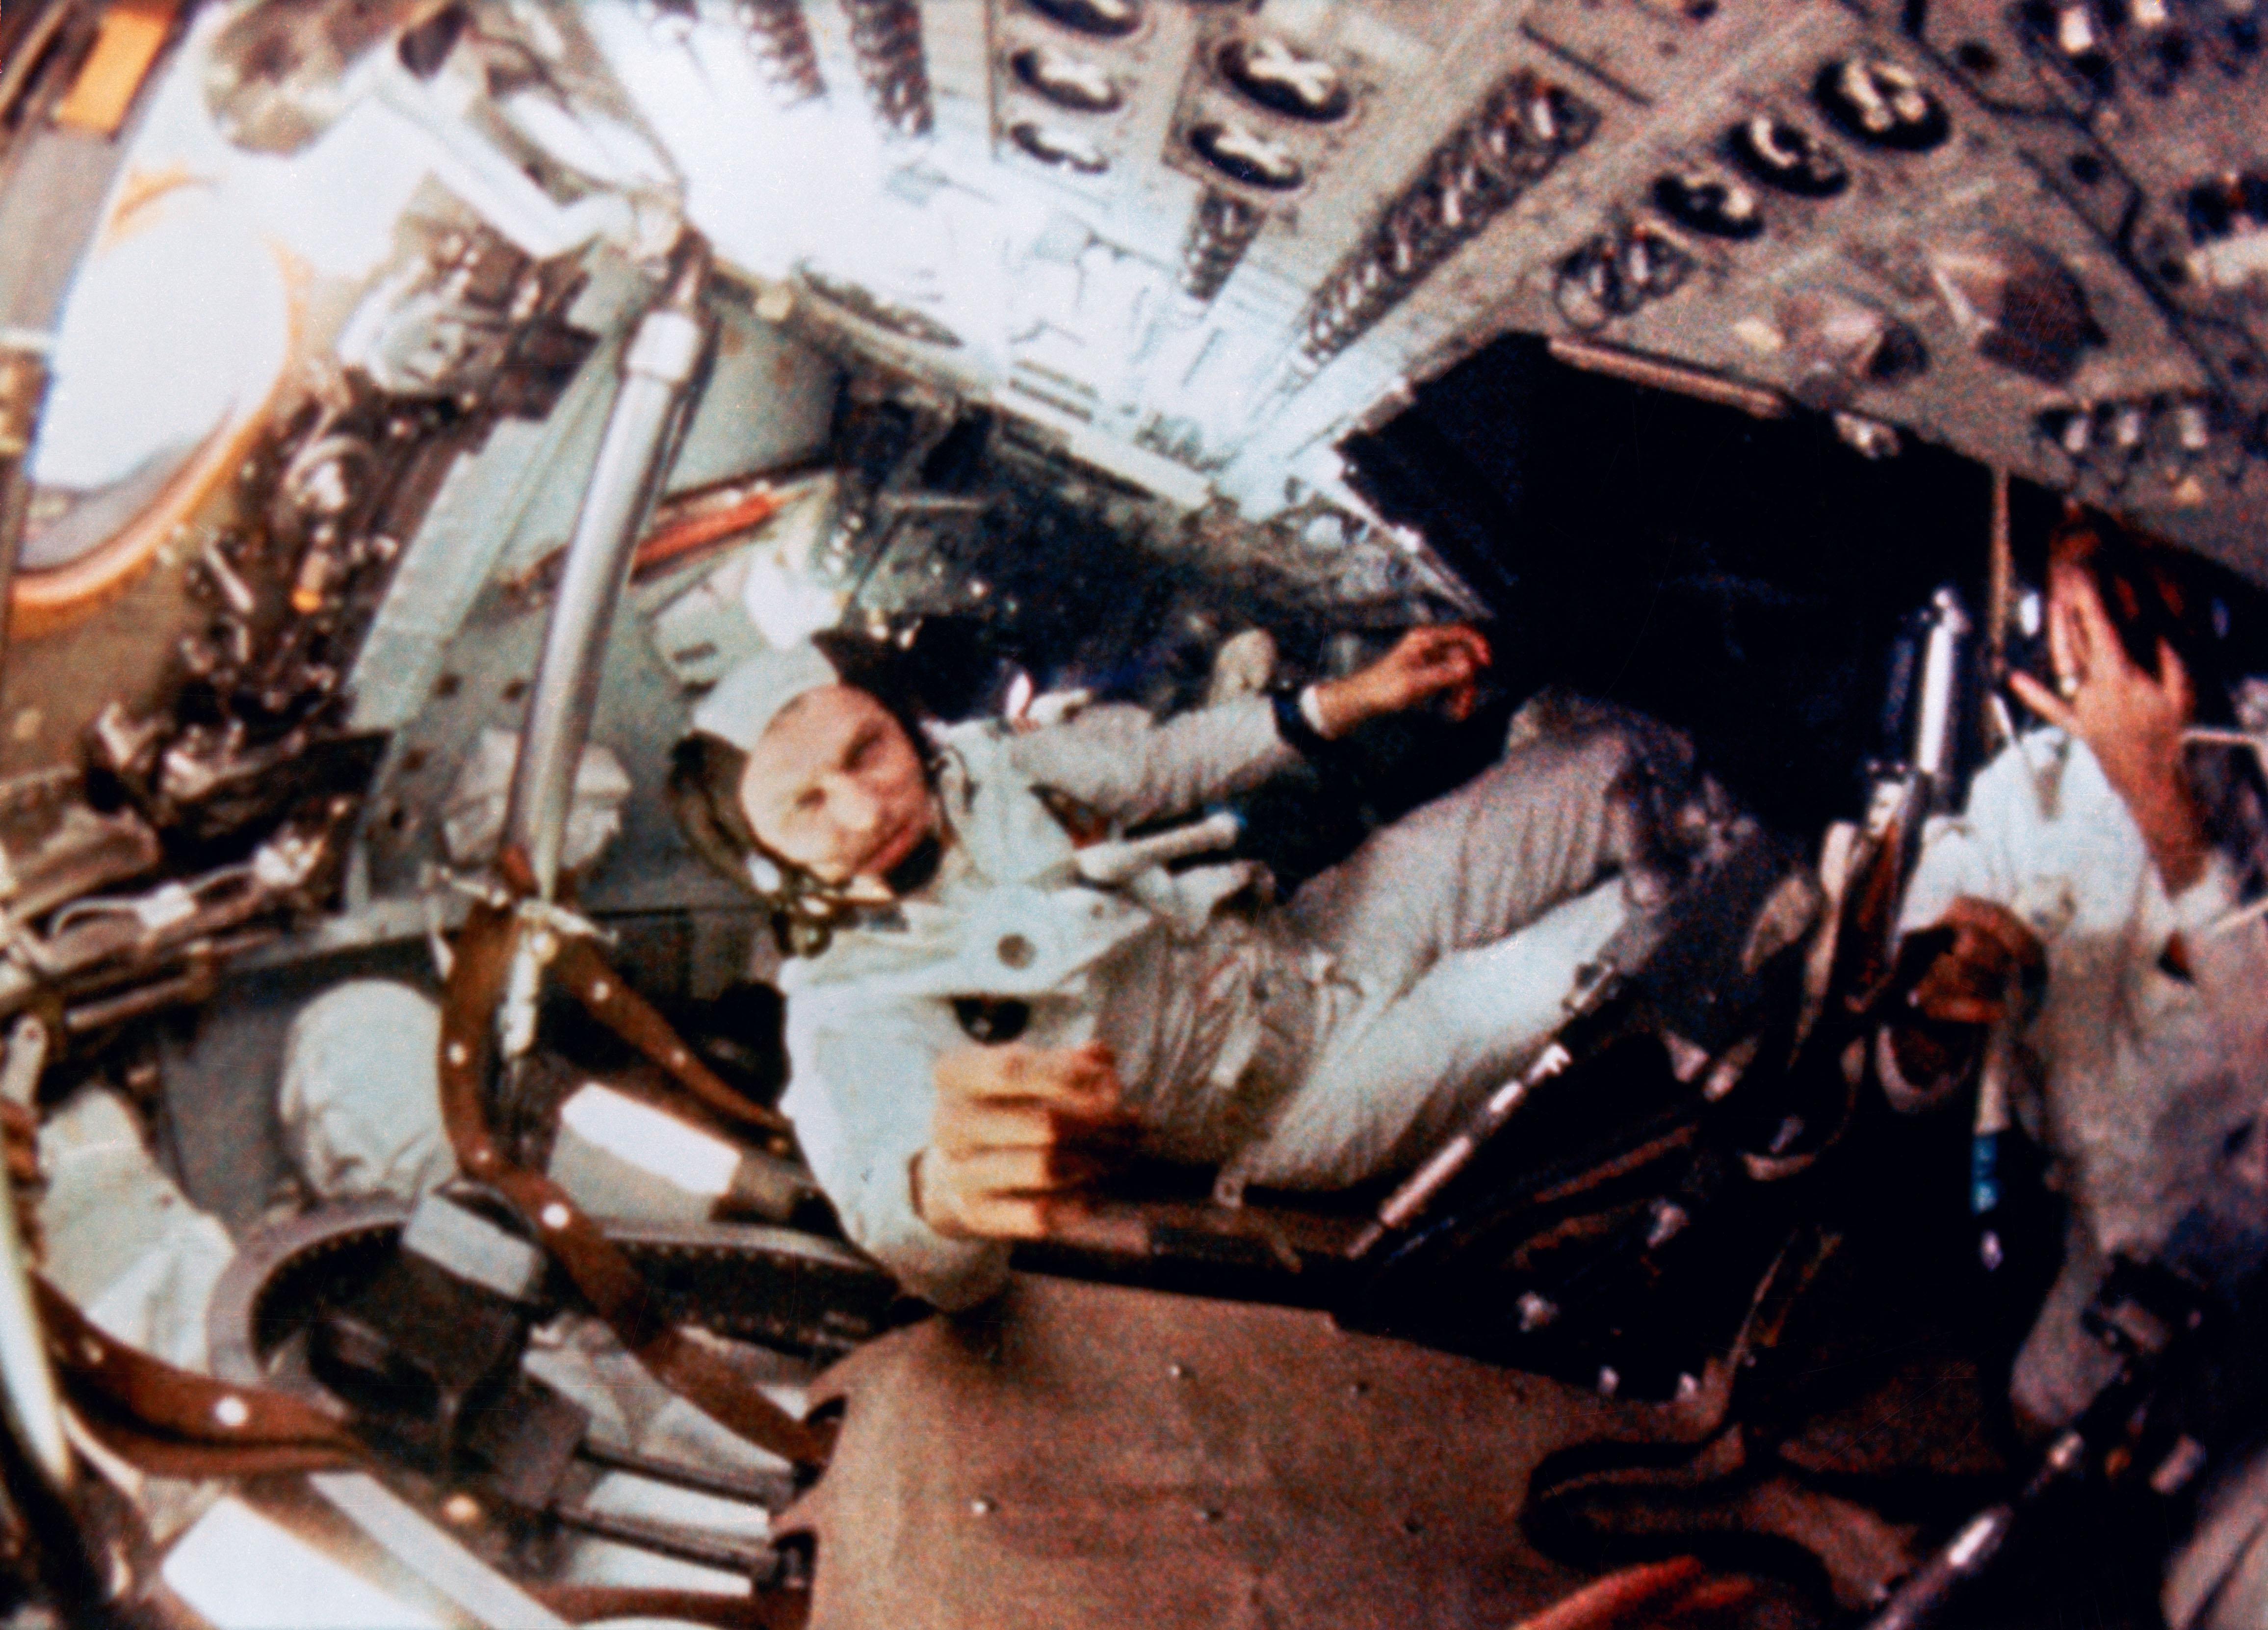 अंपोलो ८ के यात्री यान के अंदर